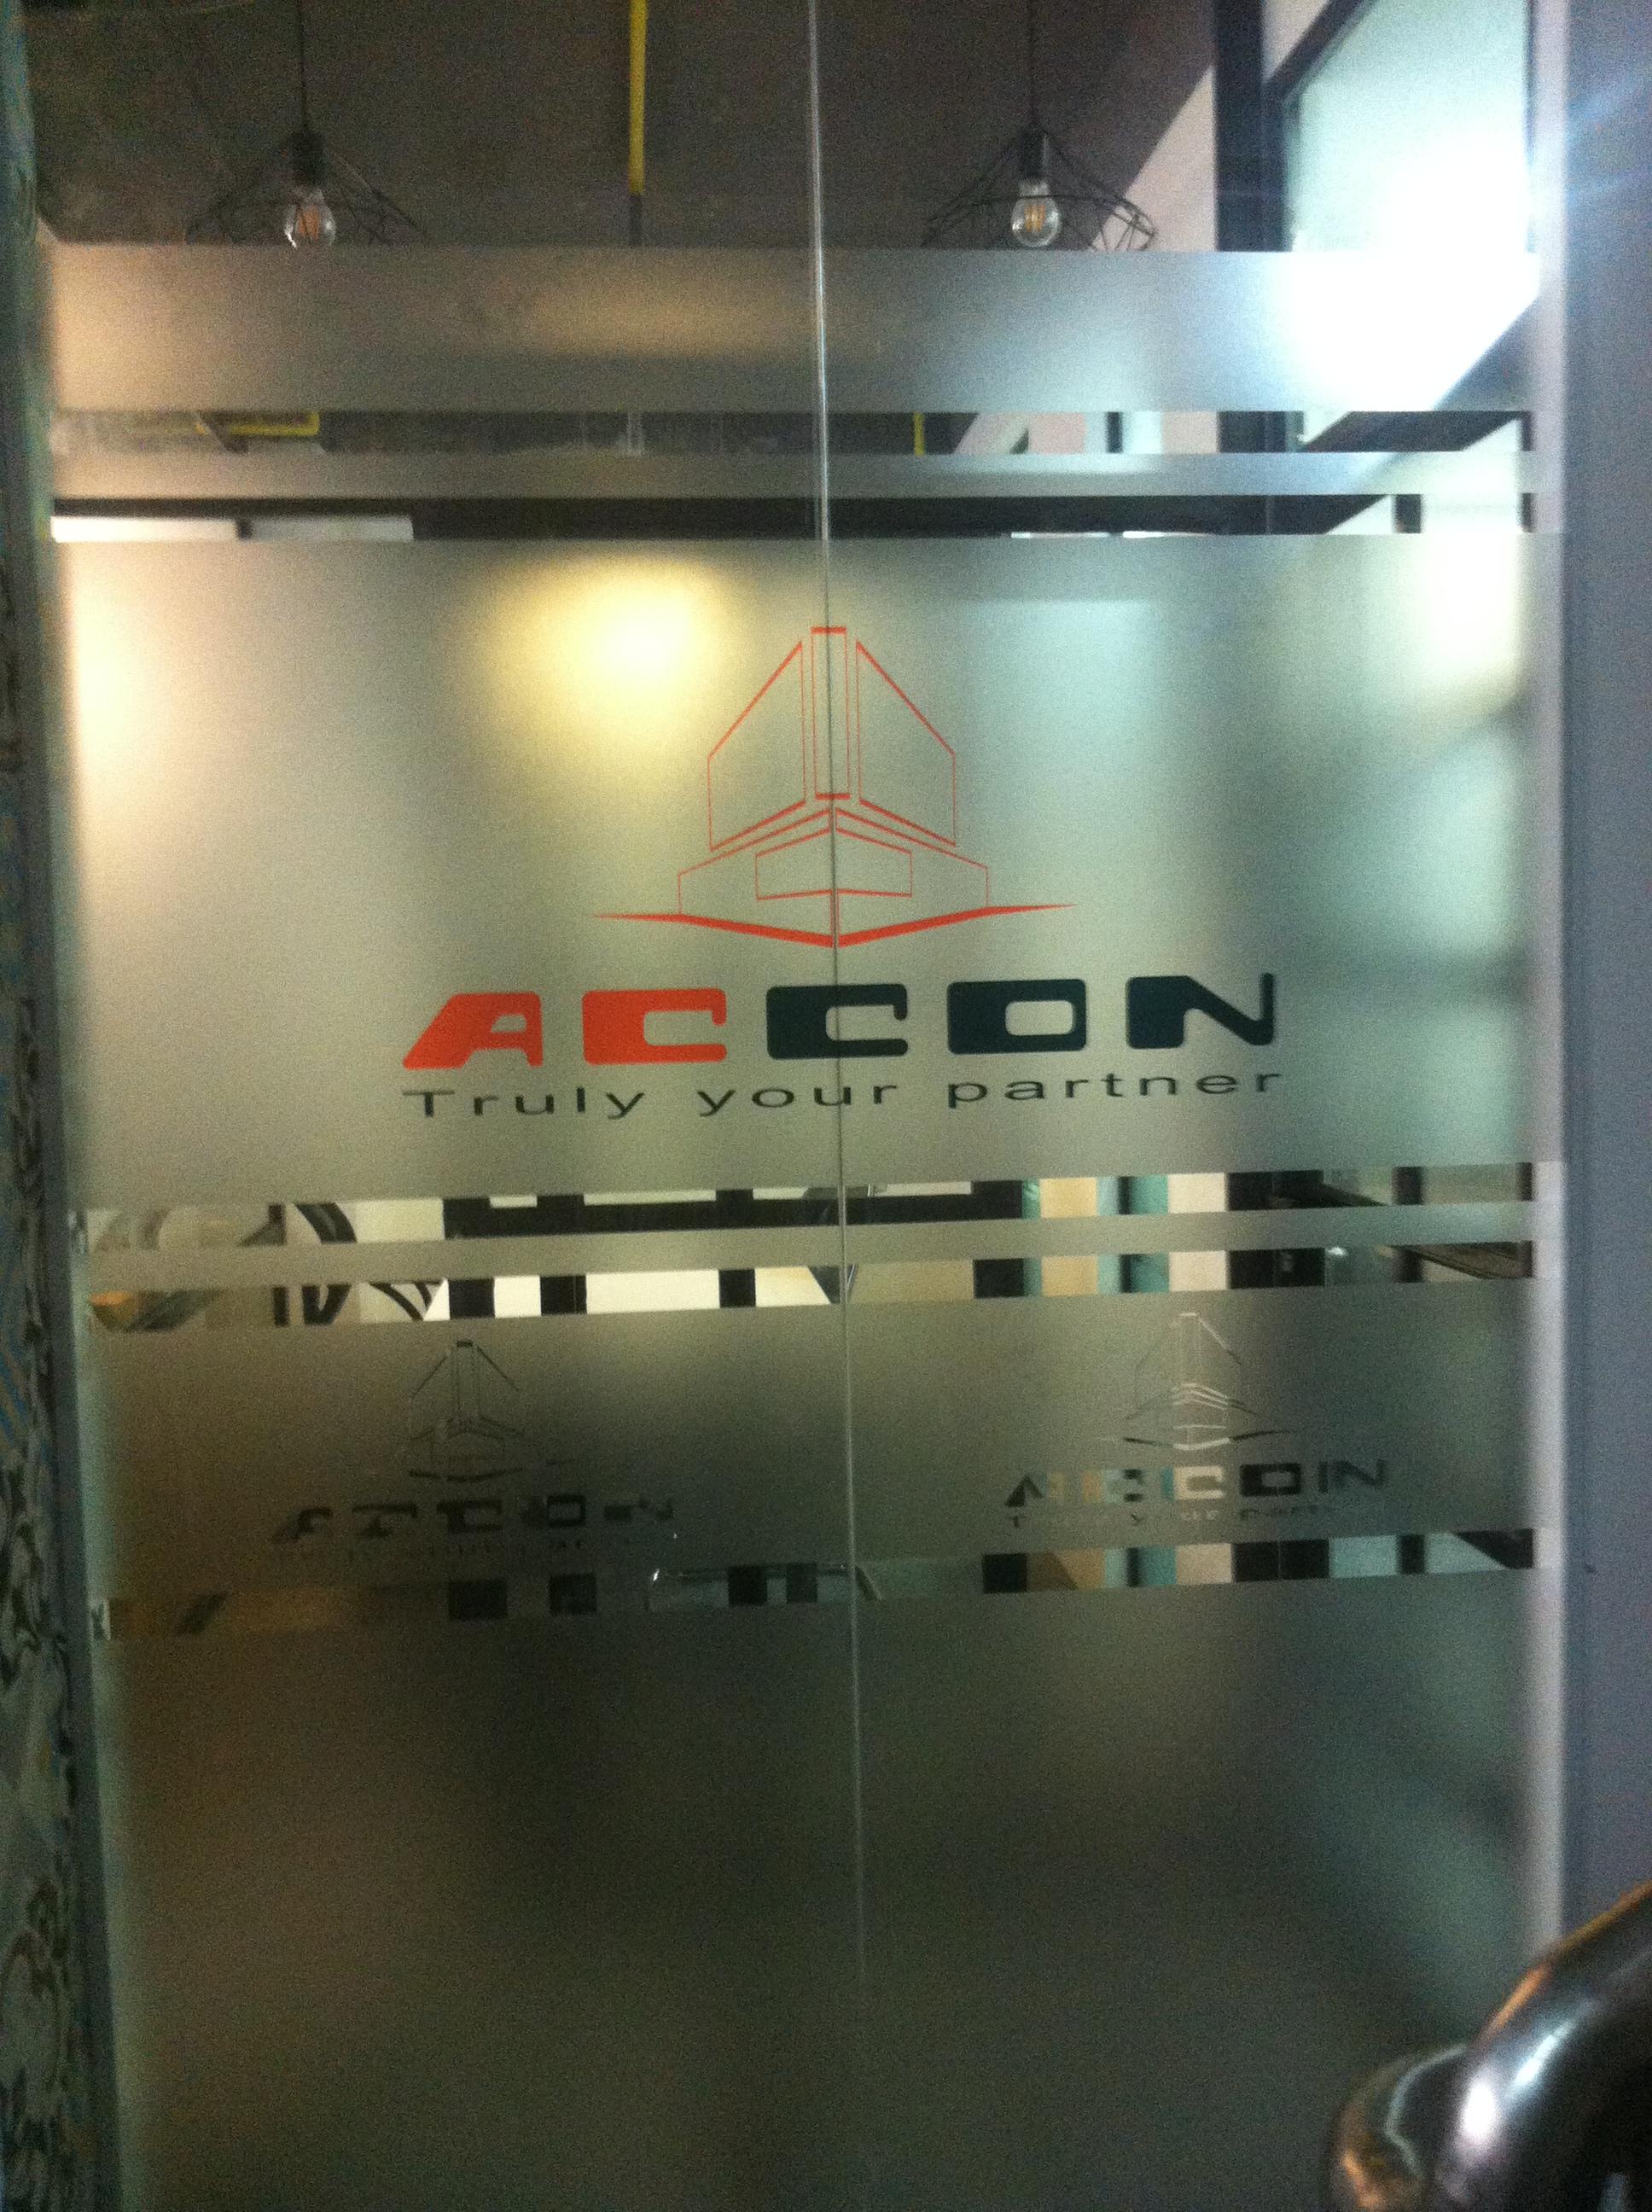 in decal dán kính mờ cho công ty accon - Nguyễn Lương Bằng